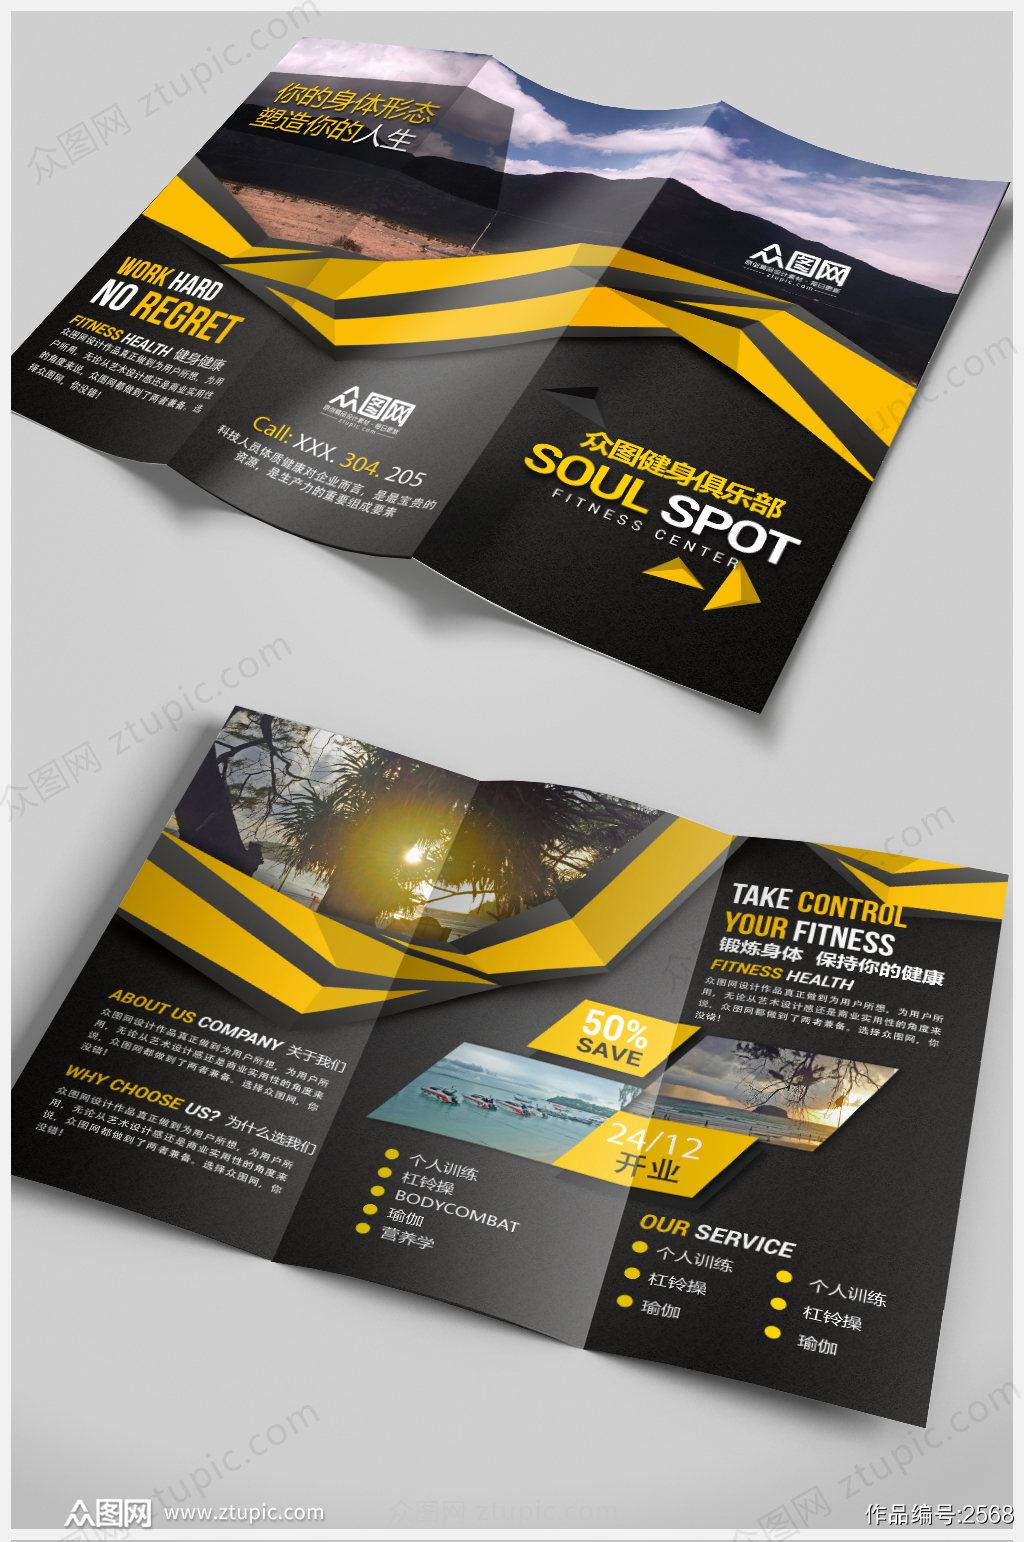 黑色黄色健身房俱乐部三折页宣传单素材